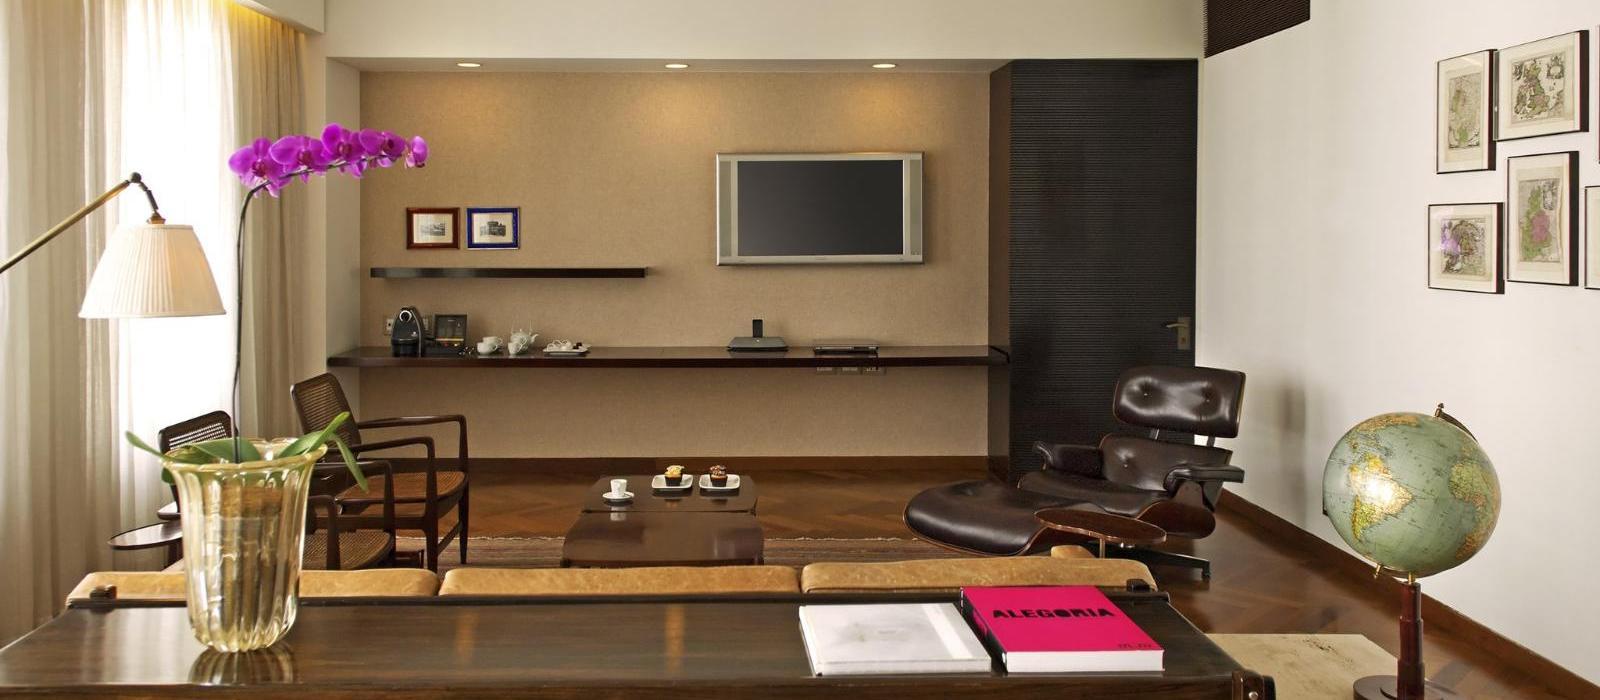 圣保罗法萨诺精品酒店(Hotel Fasano São Paulo) 图片  www.lhw.cn